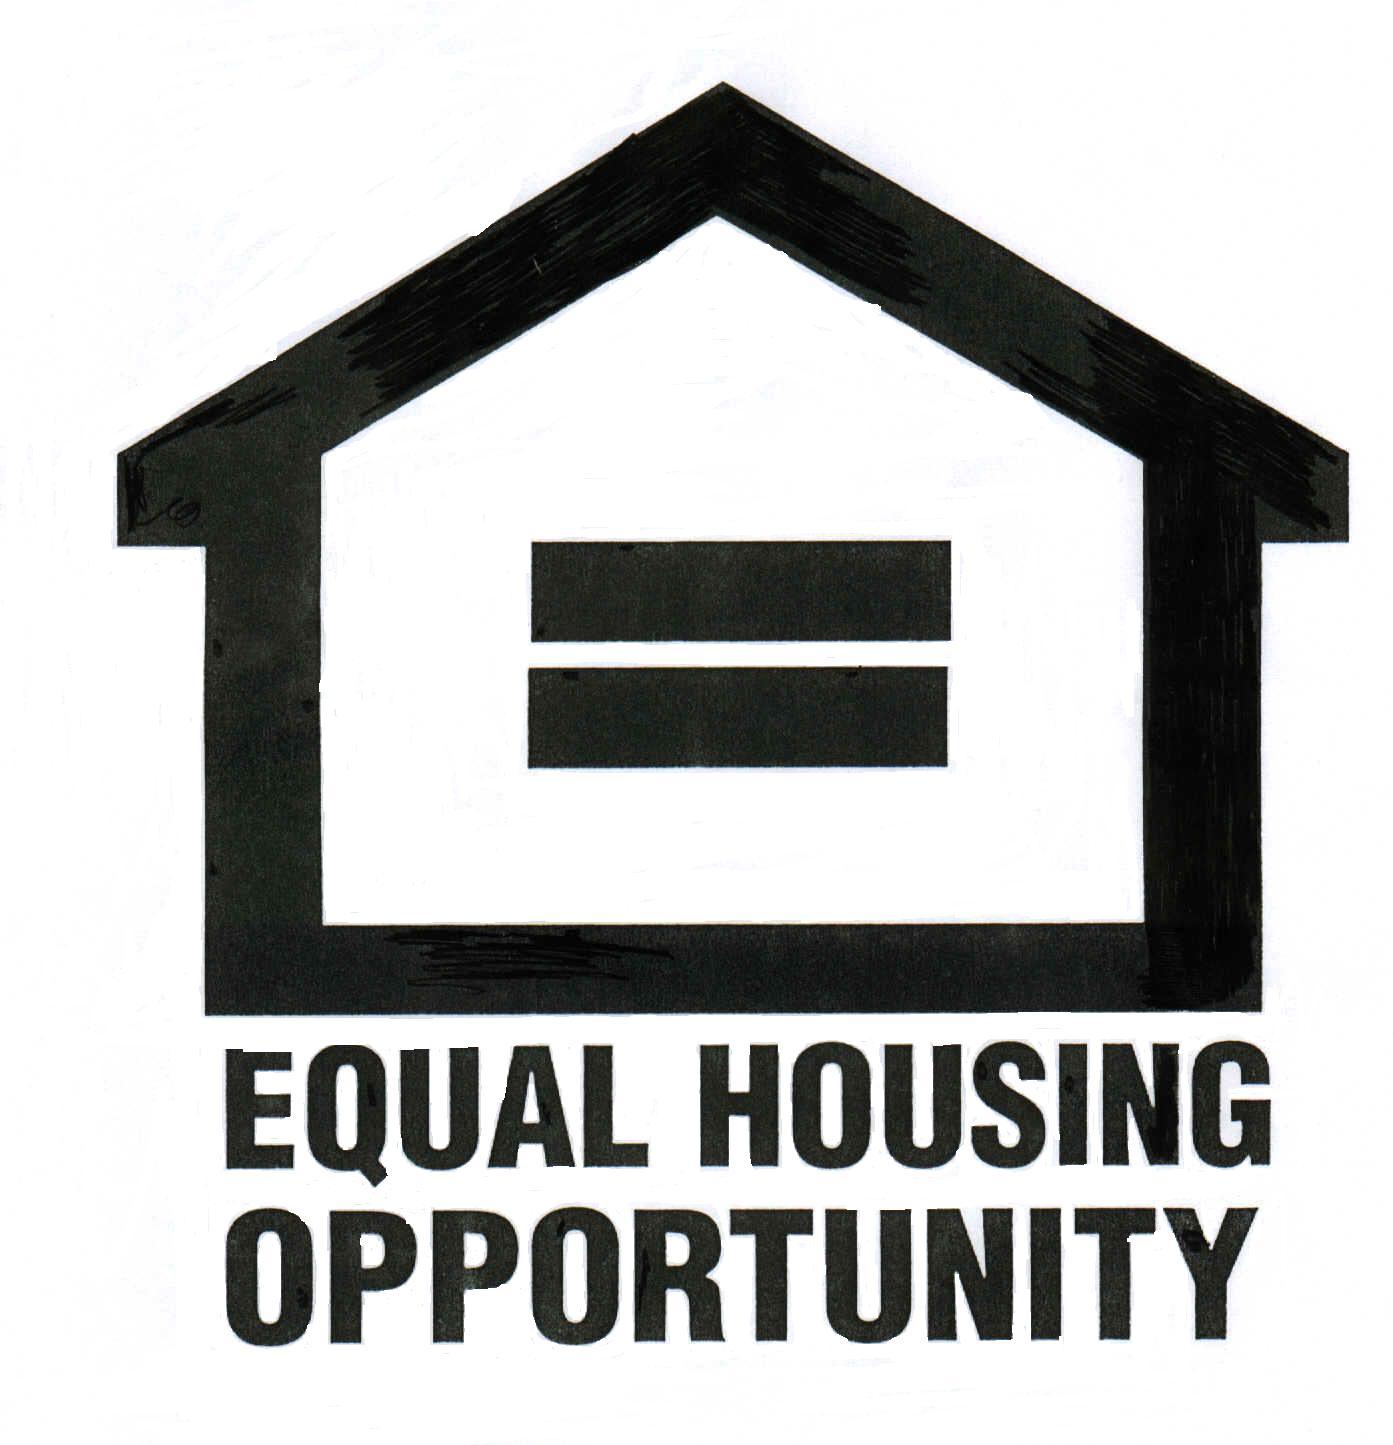 https://tnwlc.com/wp-content/uploads/2019/10/equal-housing-logo.jpg